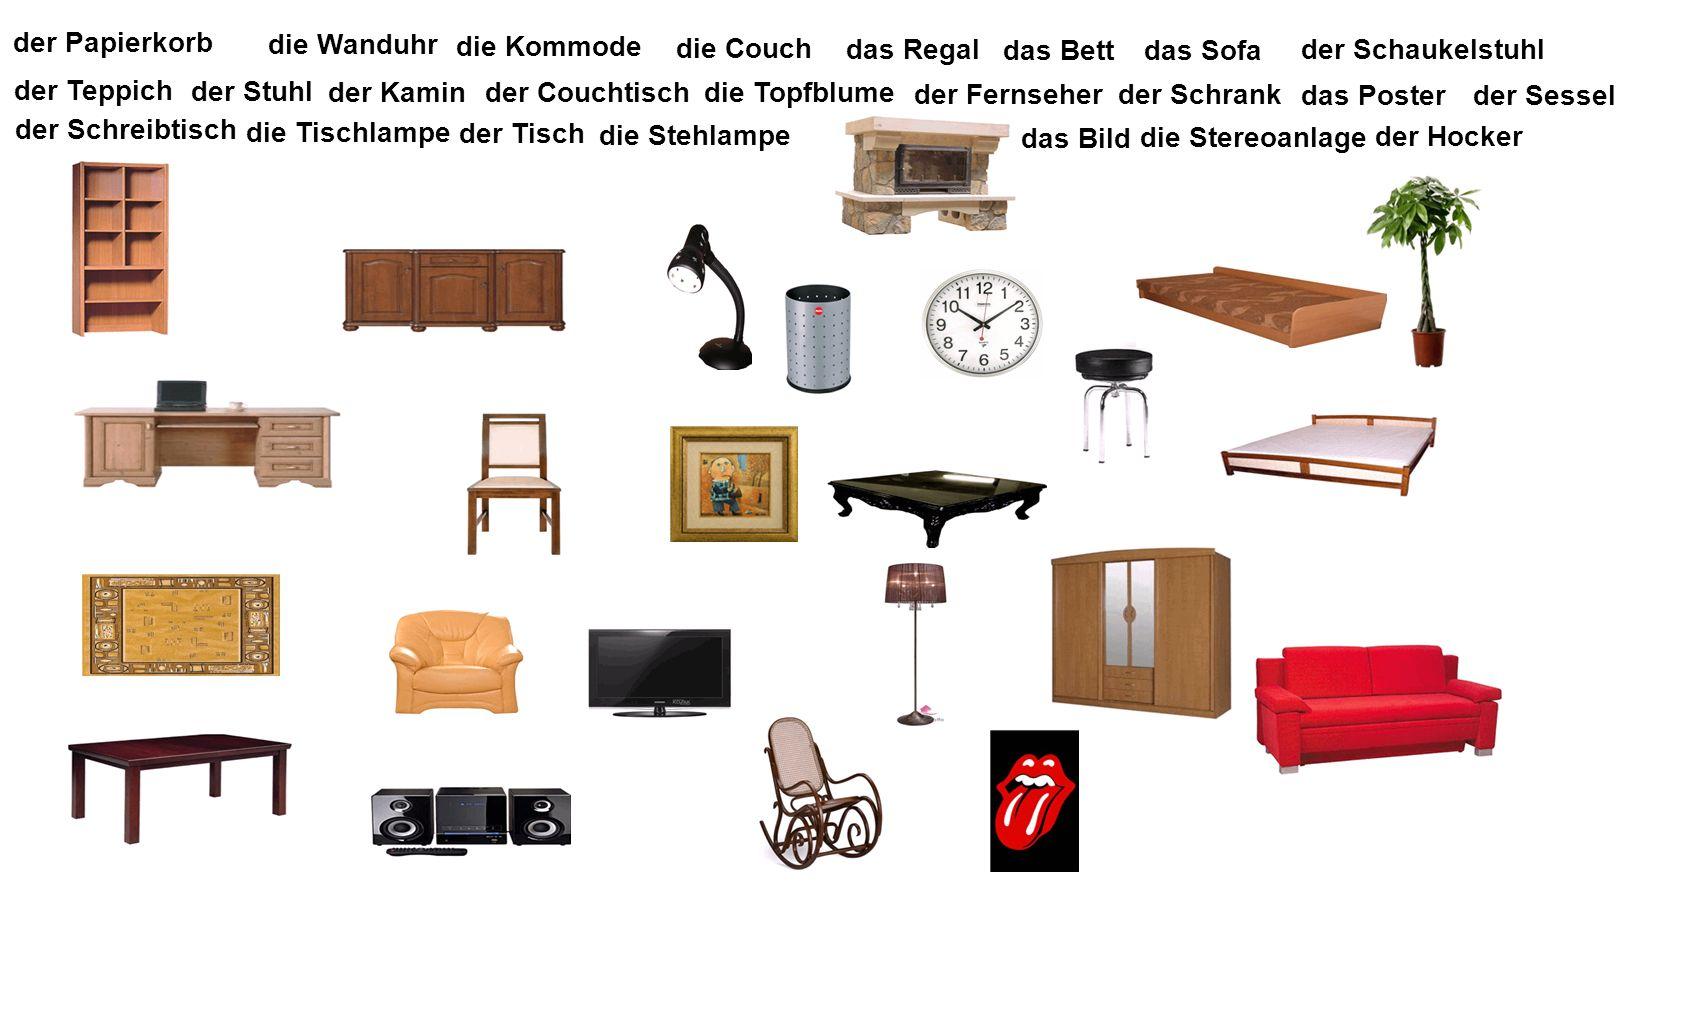 das Regal die Kommode der Schreibtisch der Stuhl der Teppich der Tisch die Stereoanlage der Sessel die Tischlampe der Papierkorb der Fernseher die Ste